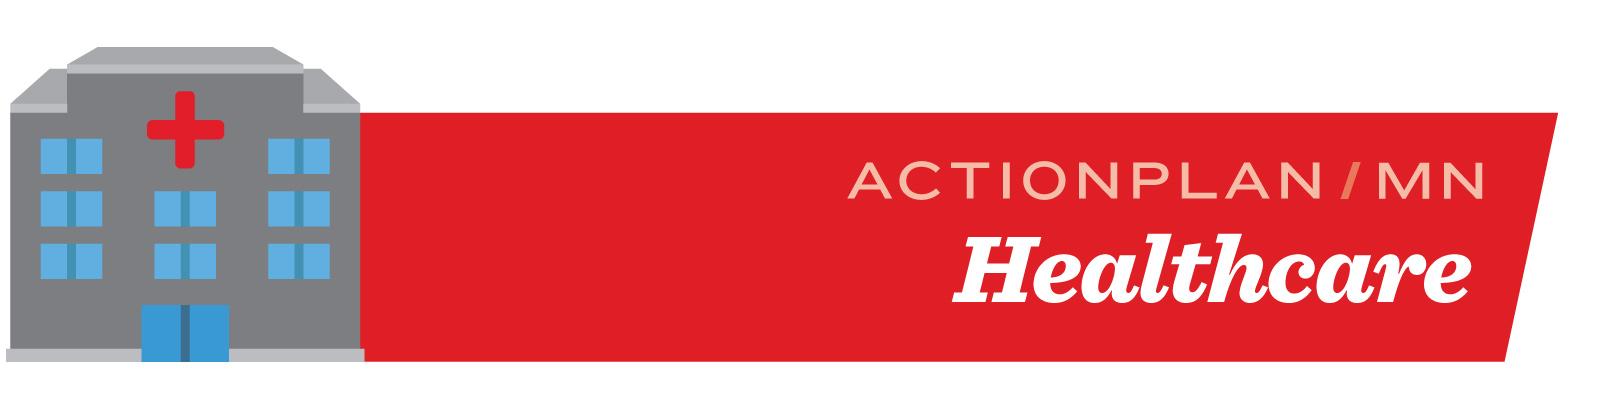 HC_ActionPlan_Website_graphic.JPG